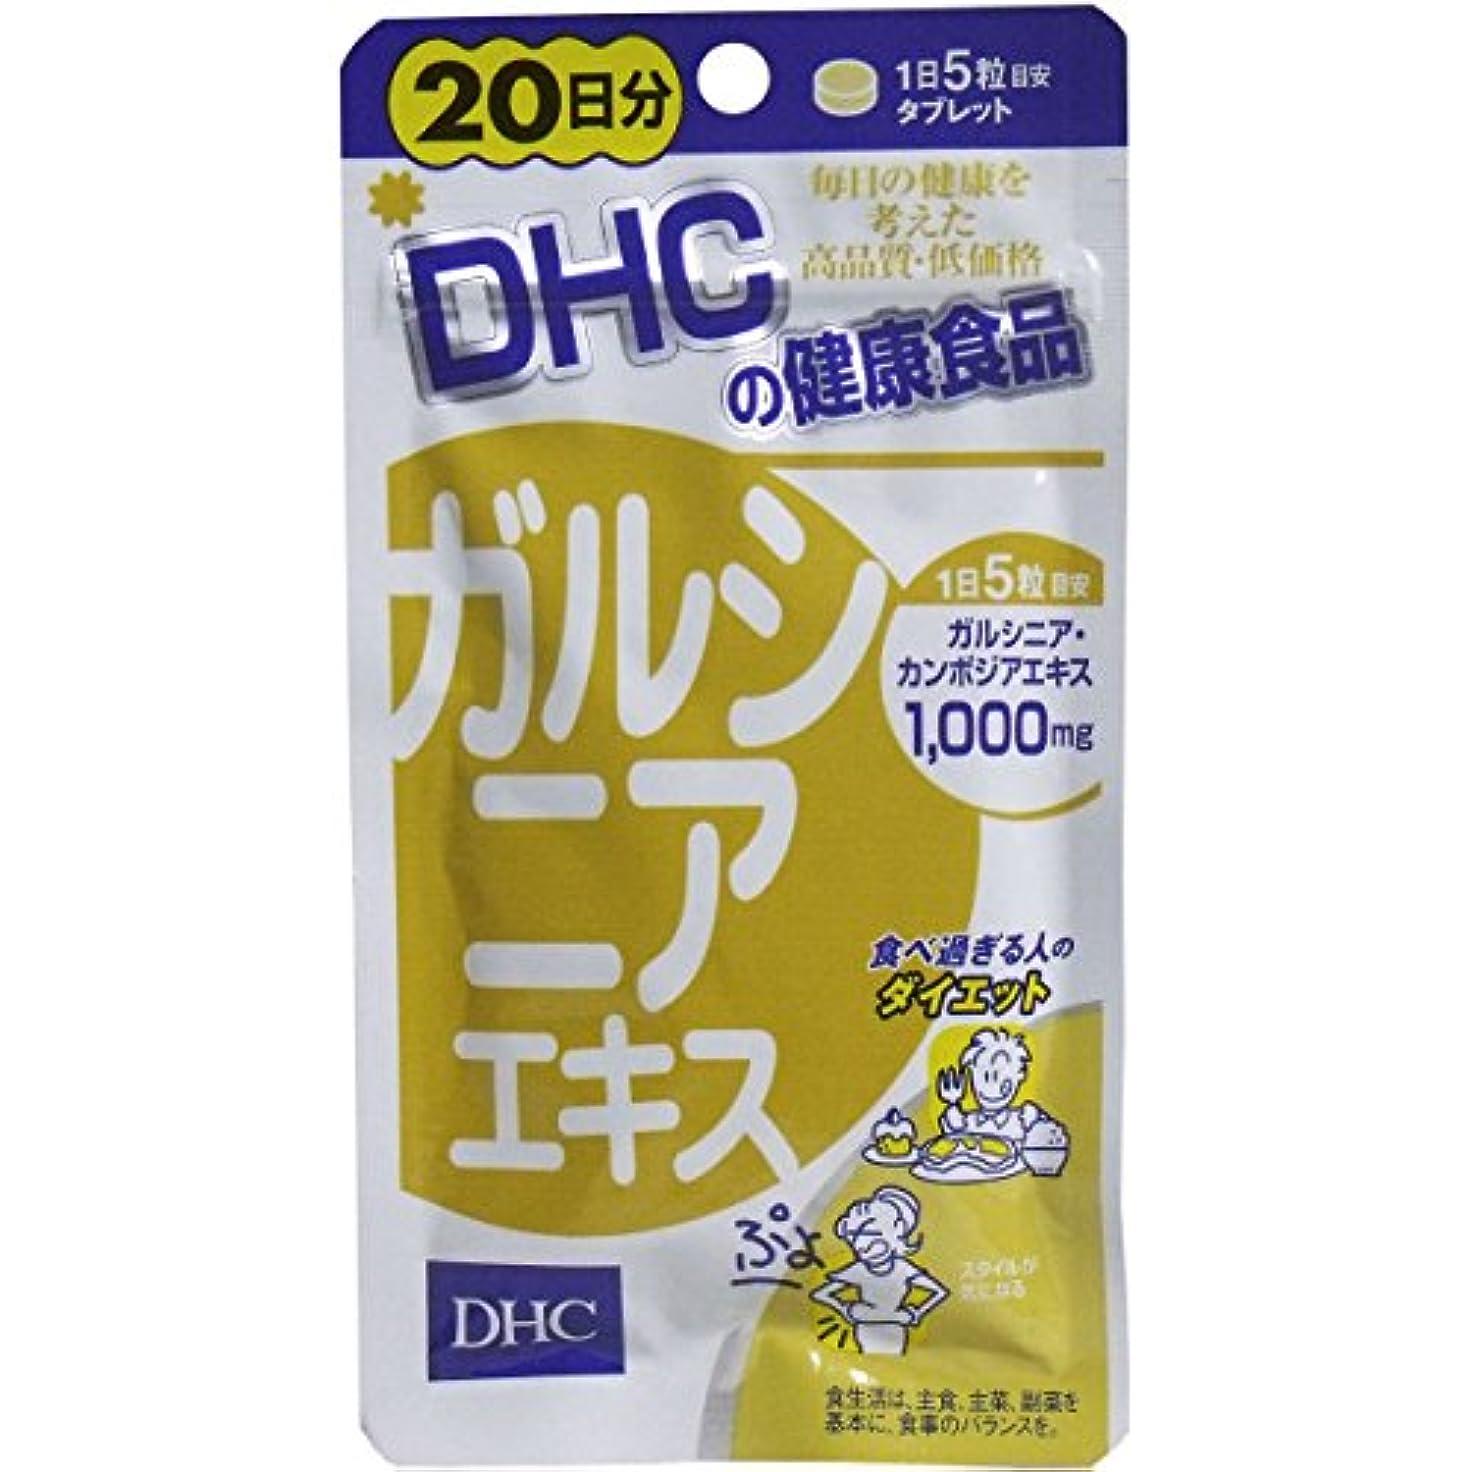 最初に同時再編成するDHCガルシニアエキス 100錠